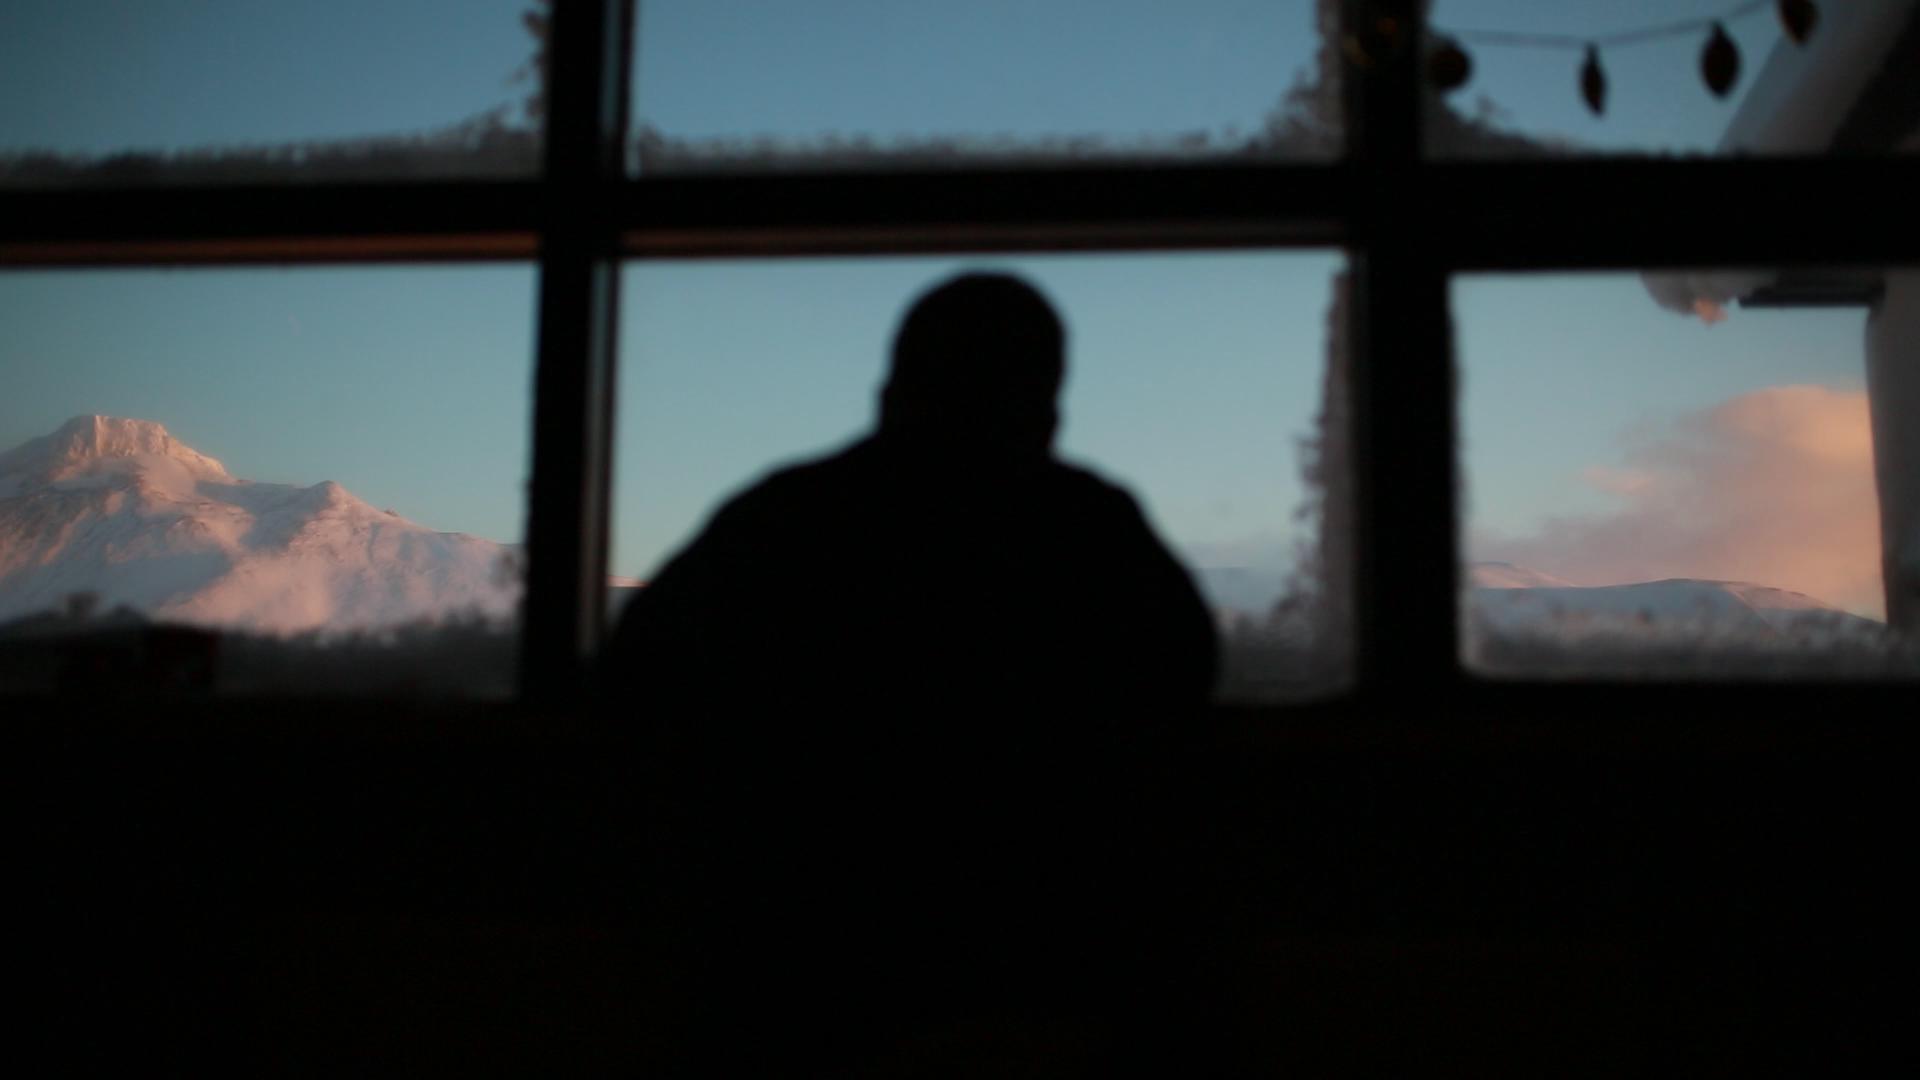 vlcsnap-2014-01-03-10h49m06s62